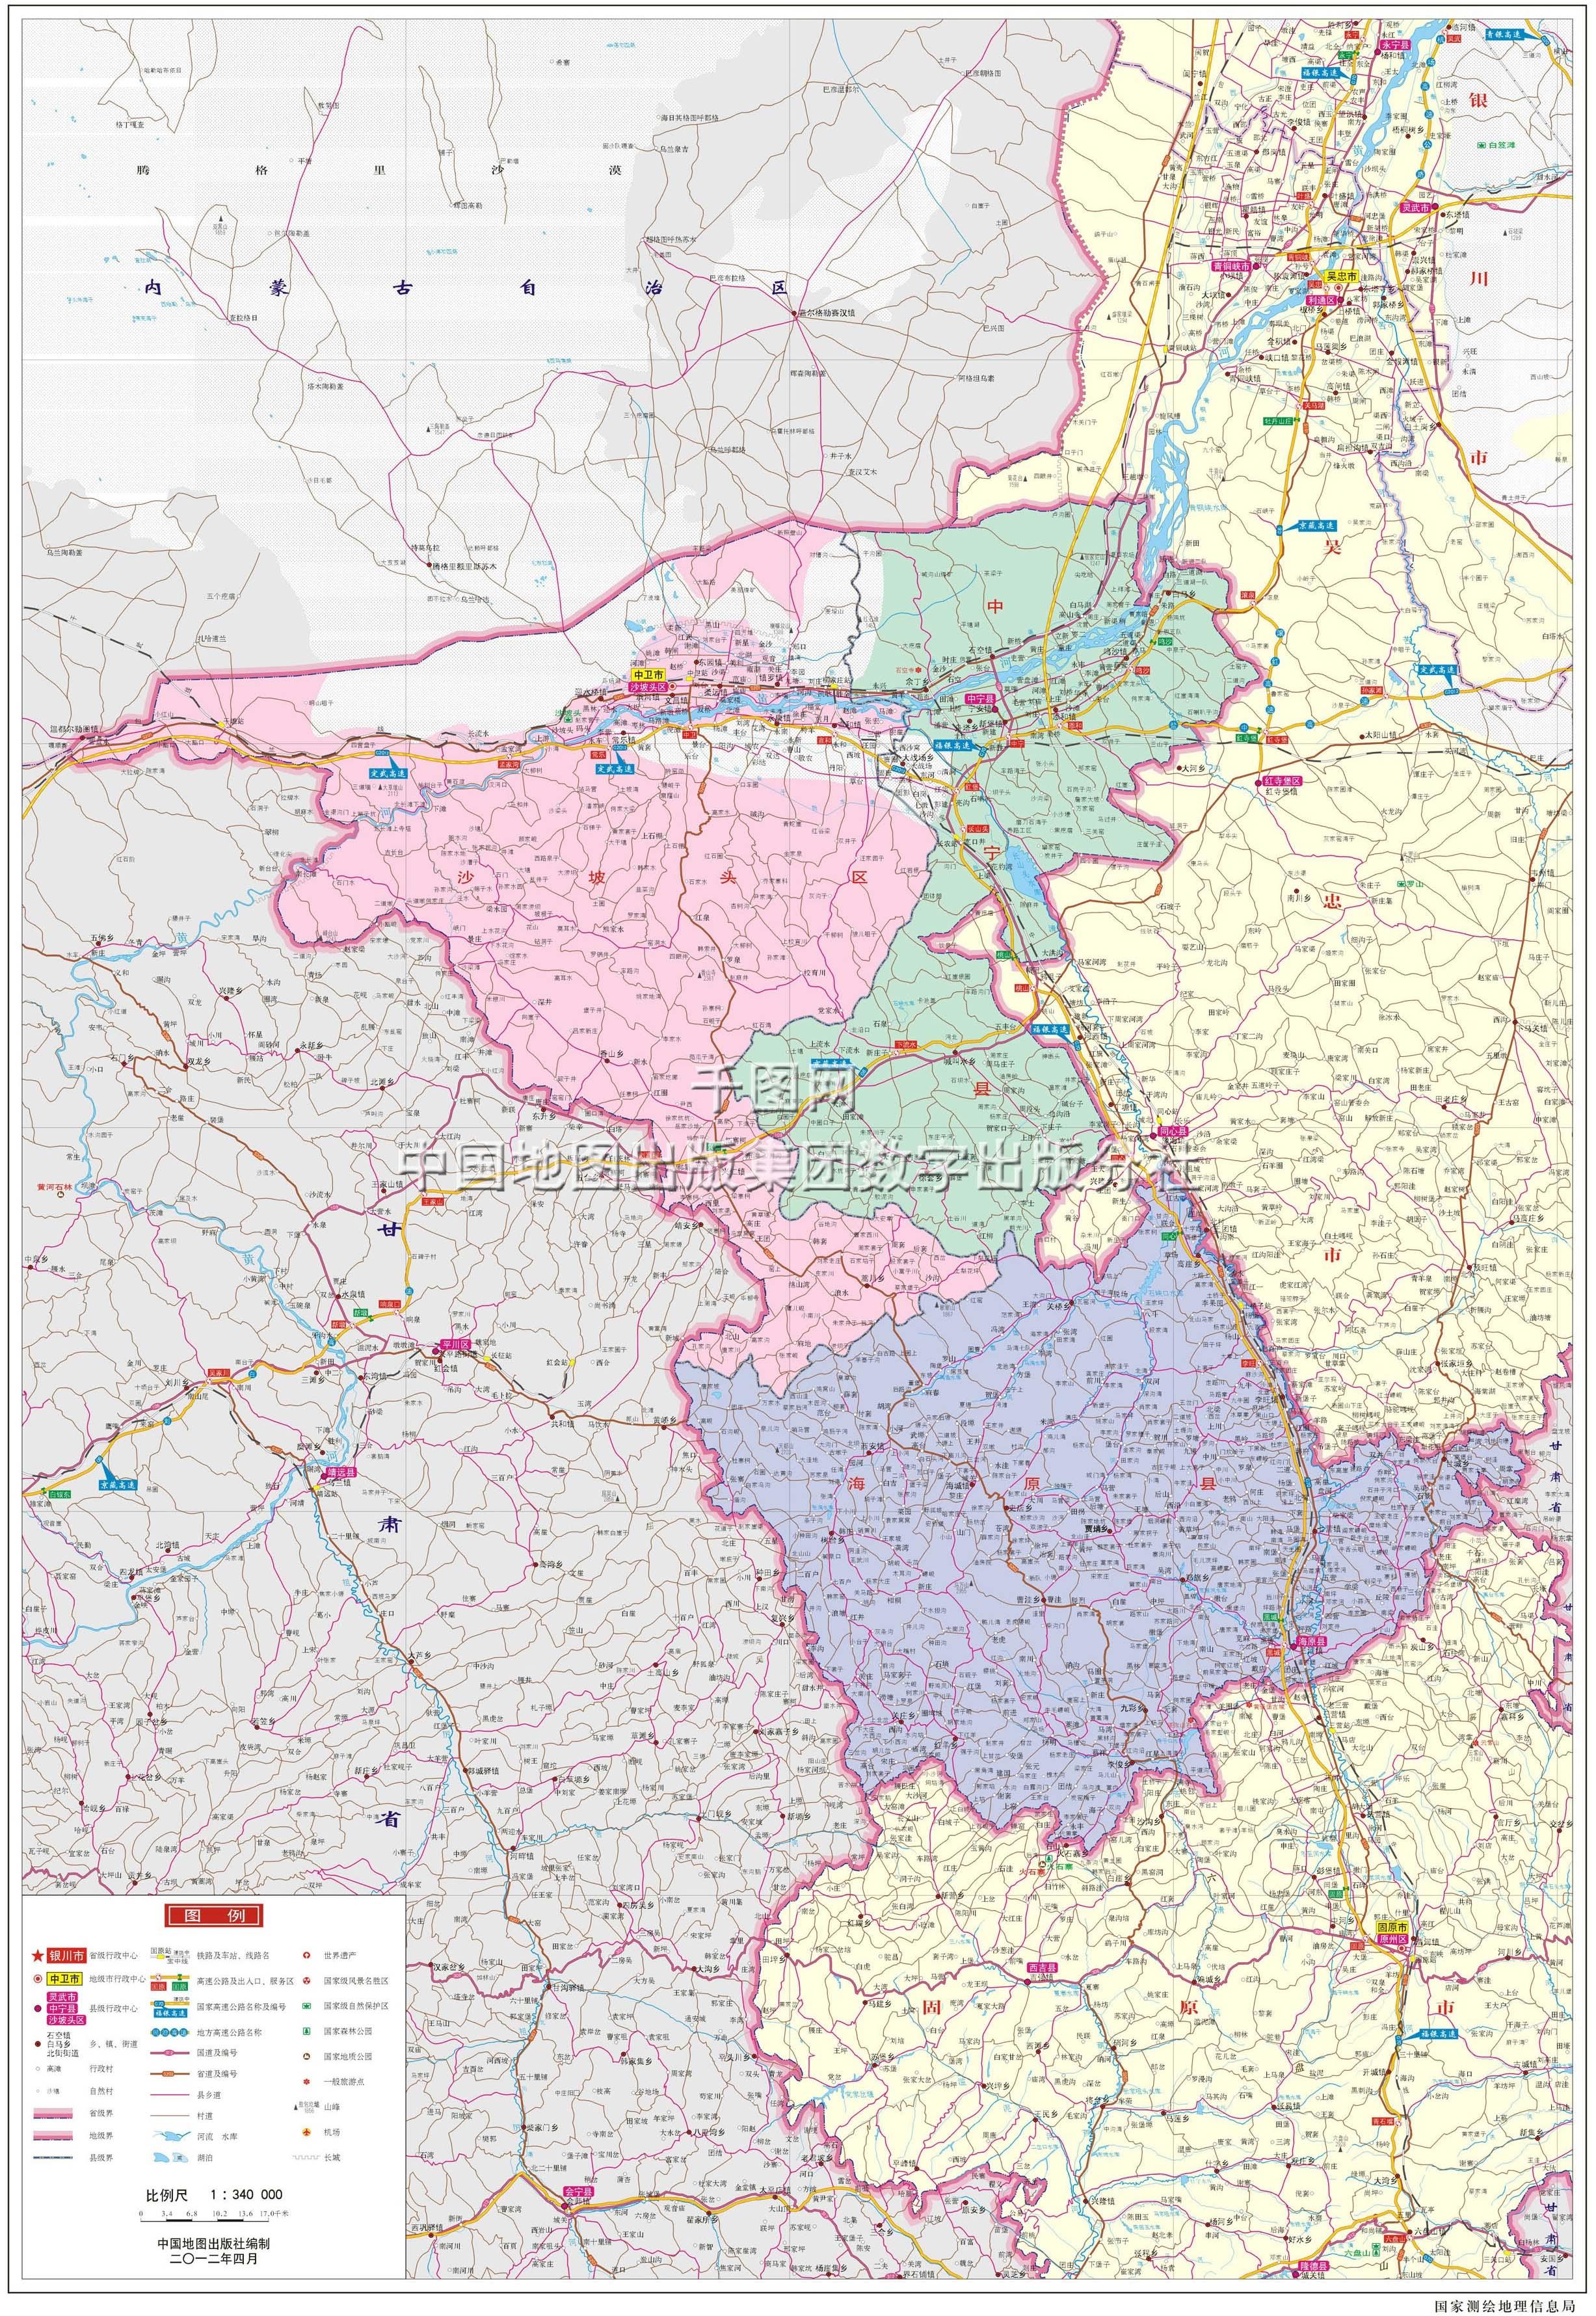 中卫市地图高清版